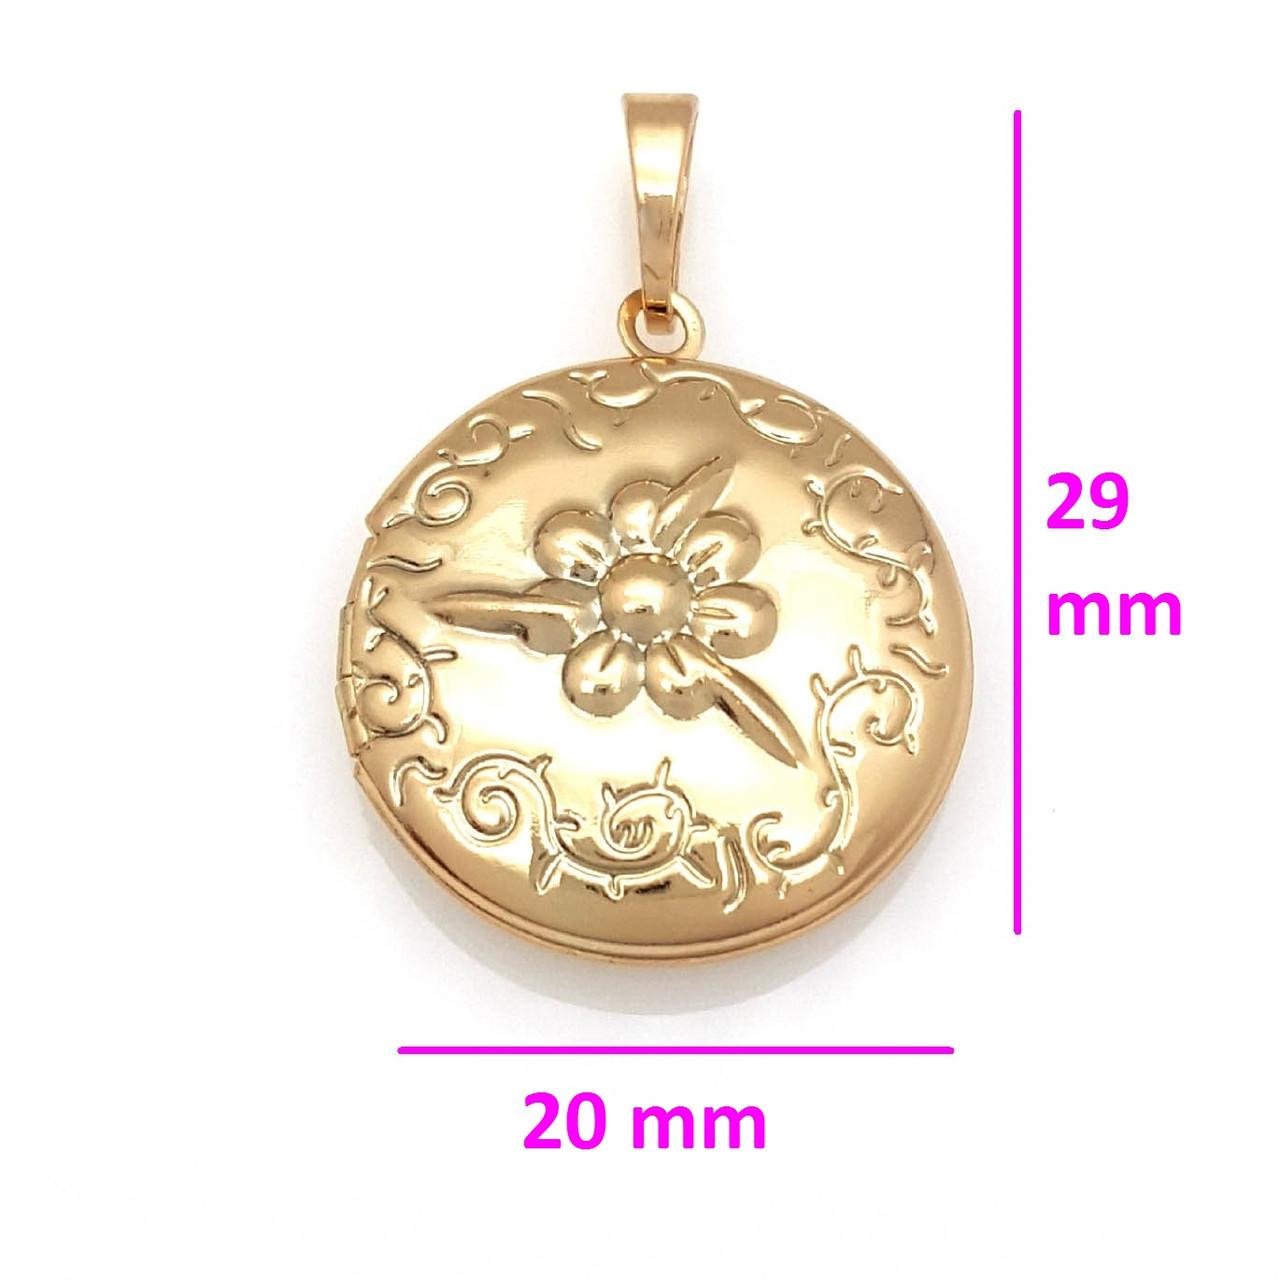 Кулон-медальон, Круг с цветочным рисунком, позолота